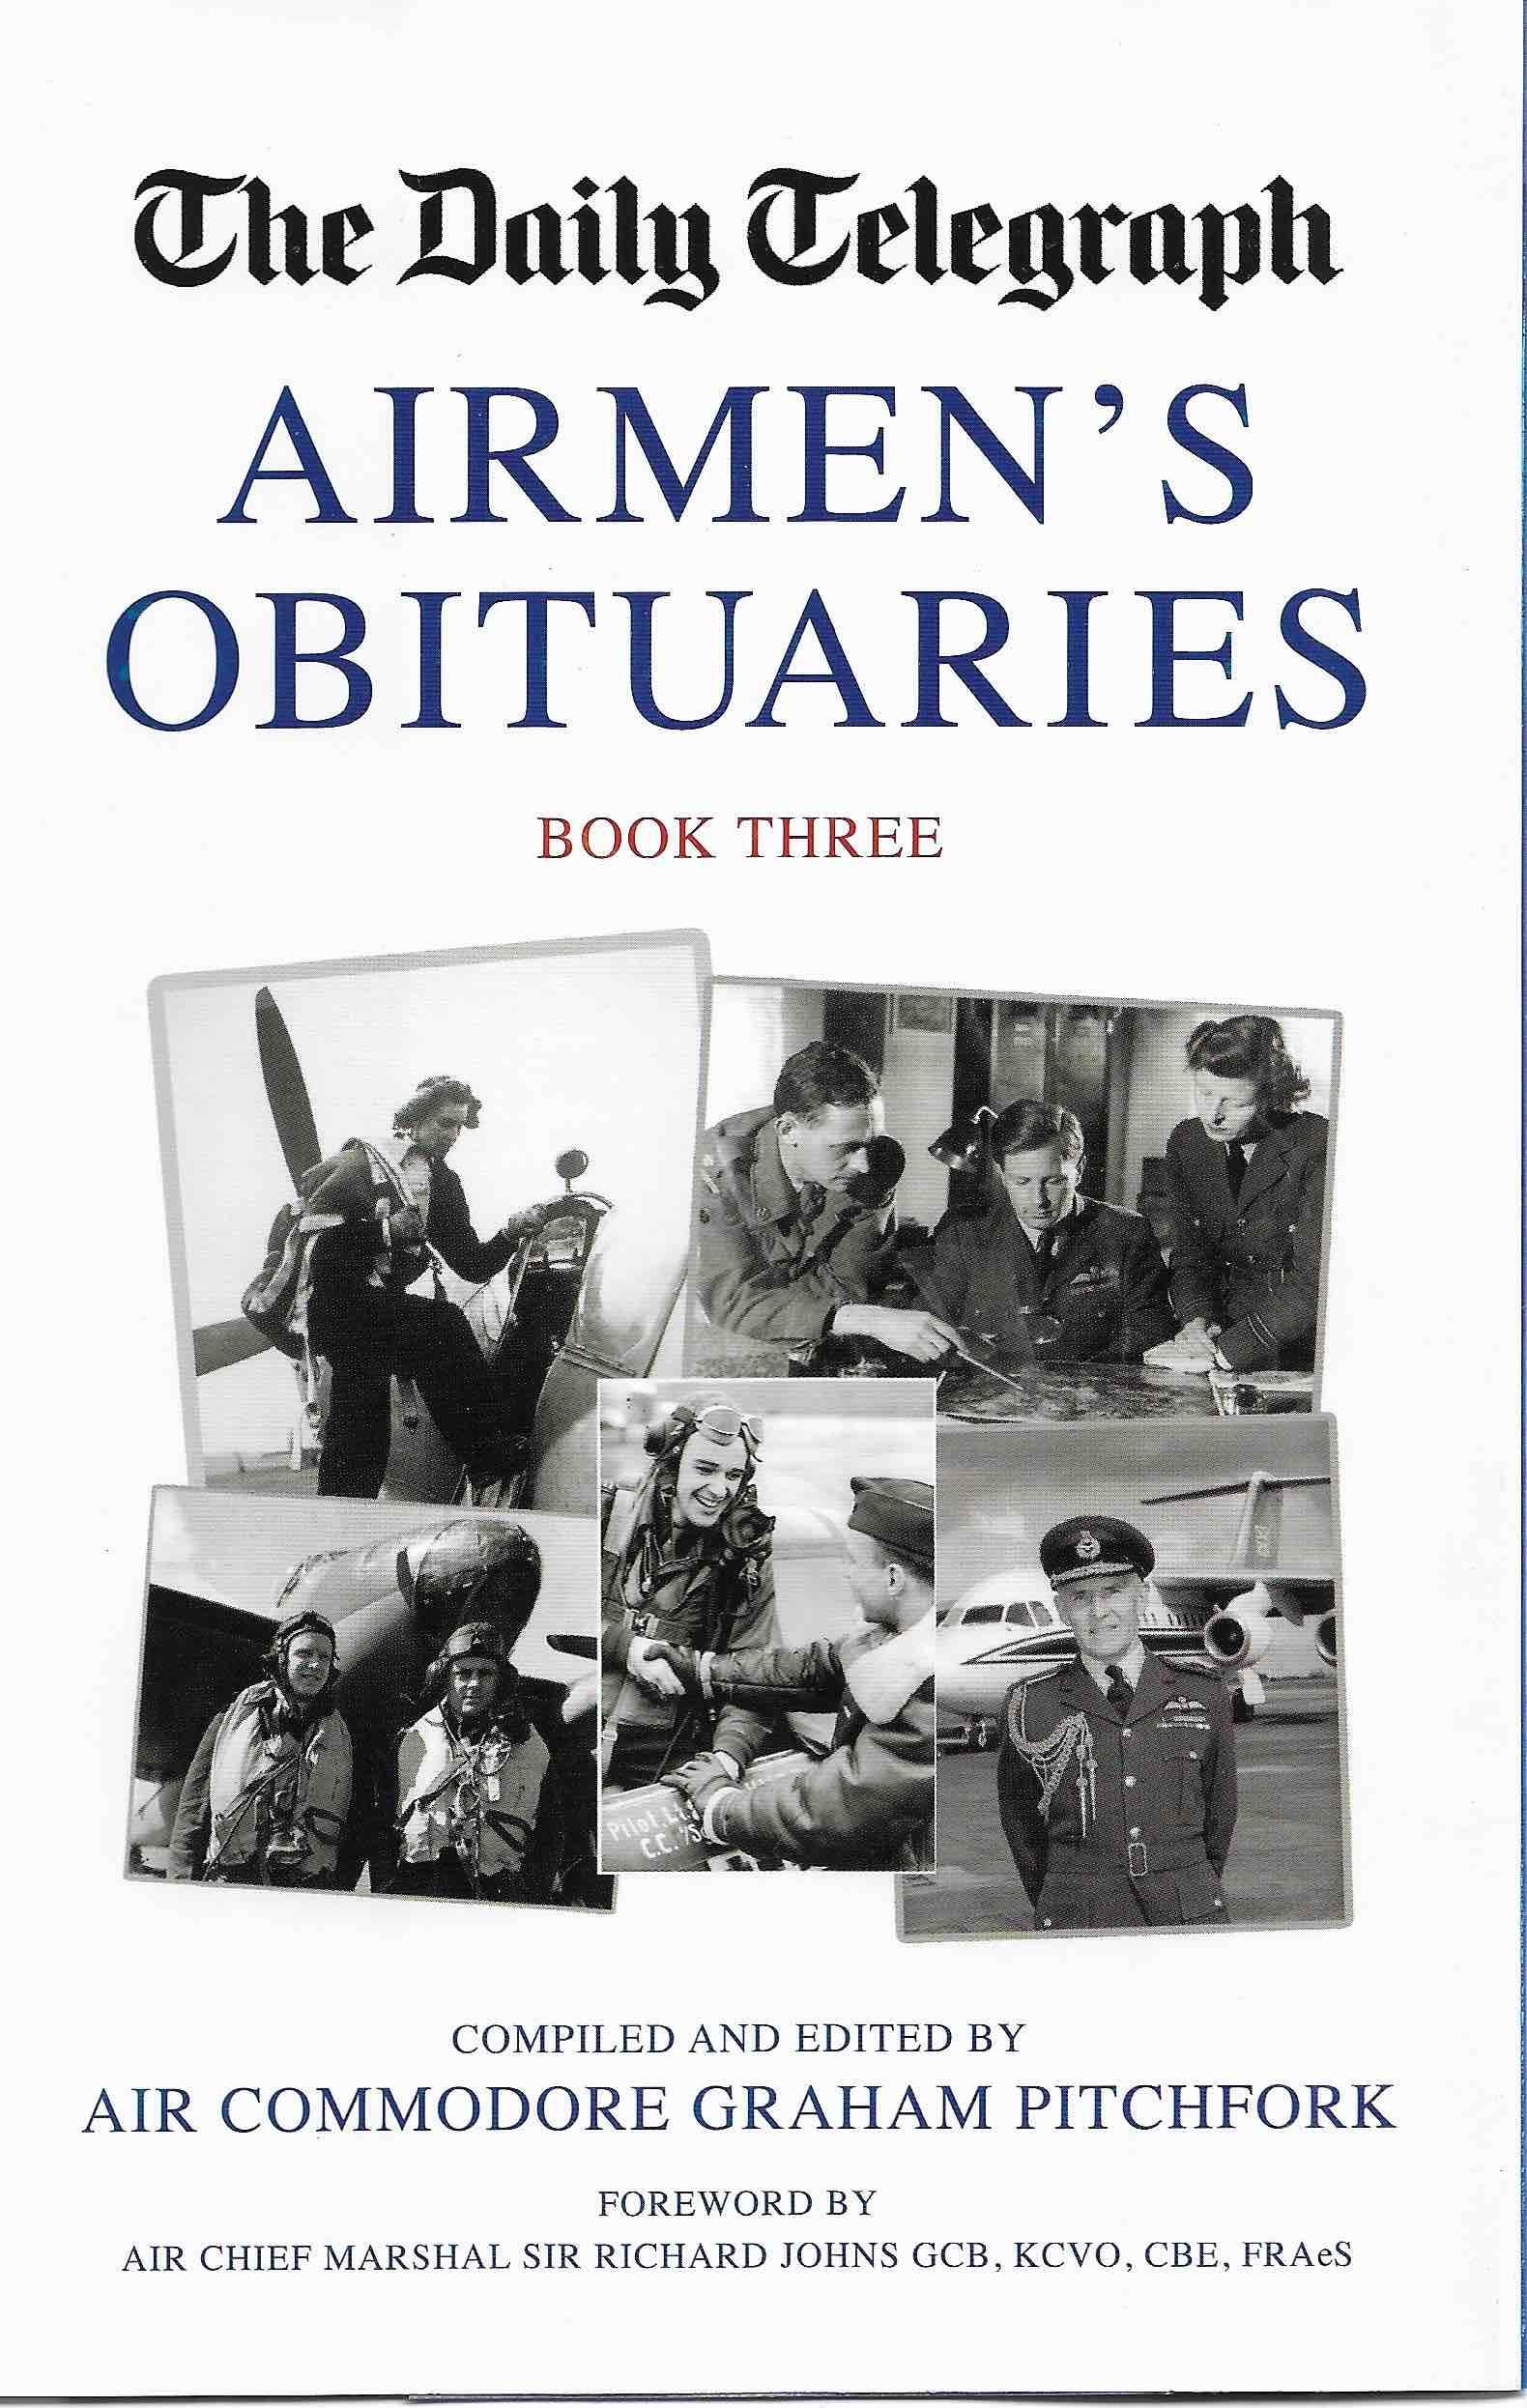 Airmen's Obituaries 3 copy